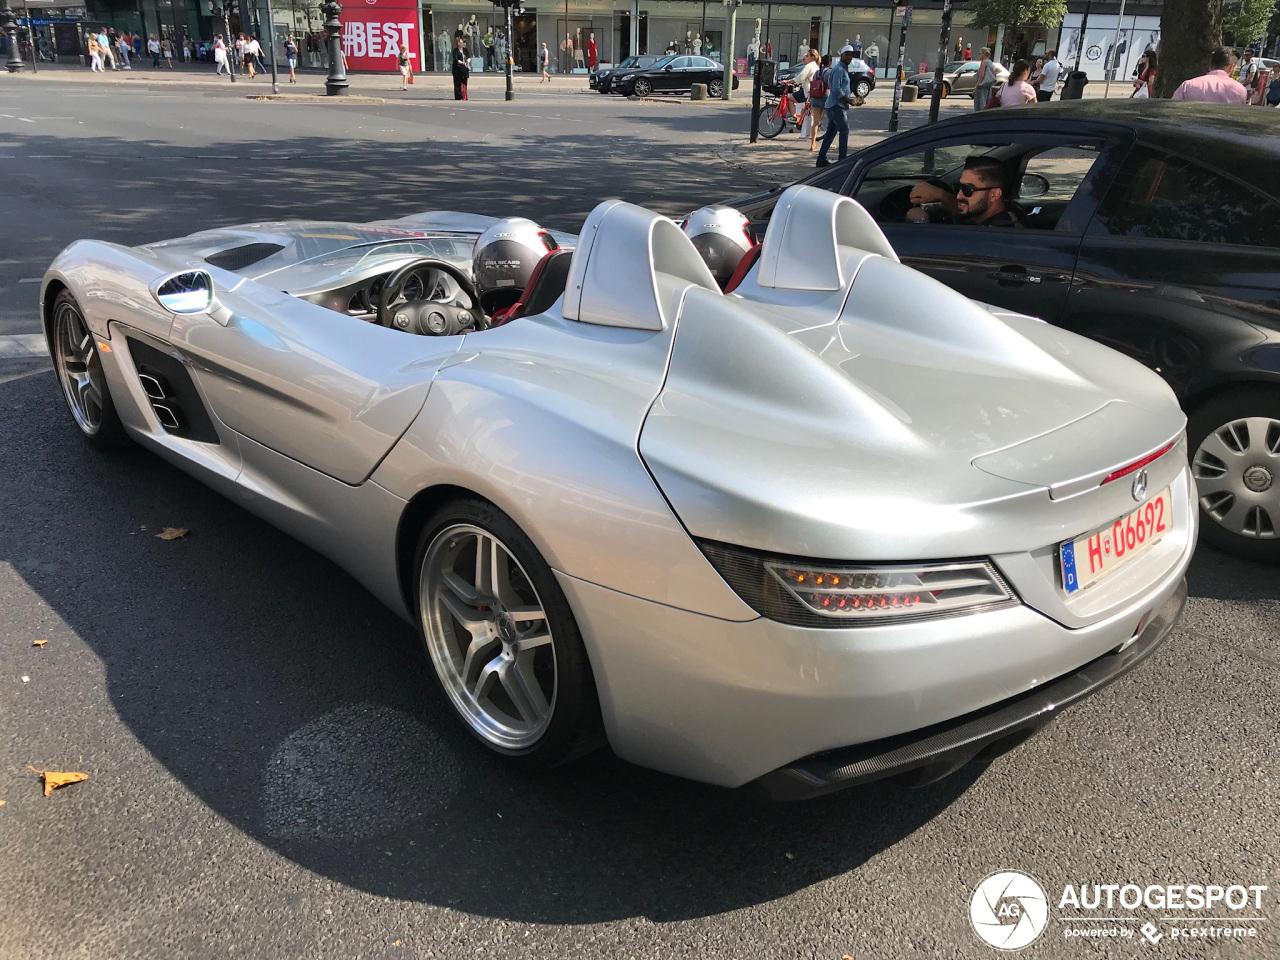 Mercedes-Benz SLR McLaren Stirling Moss doet Berlijn aan